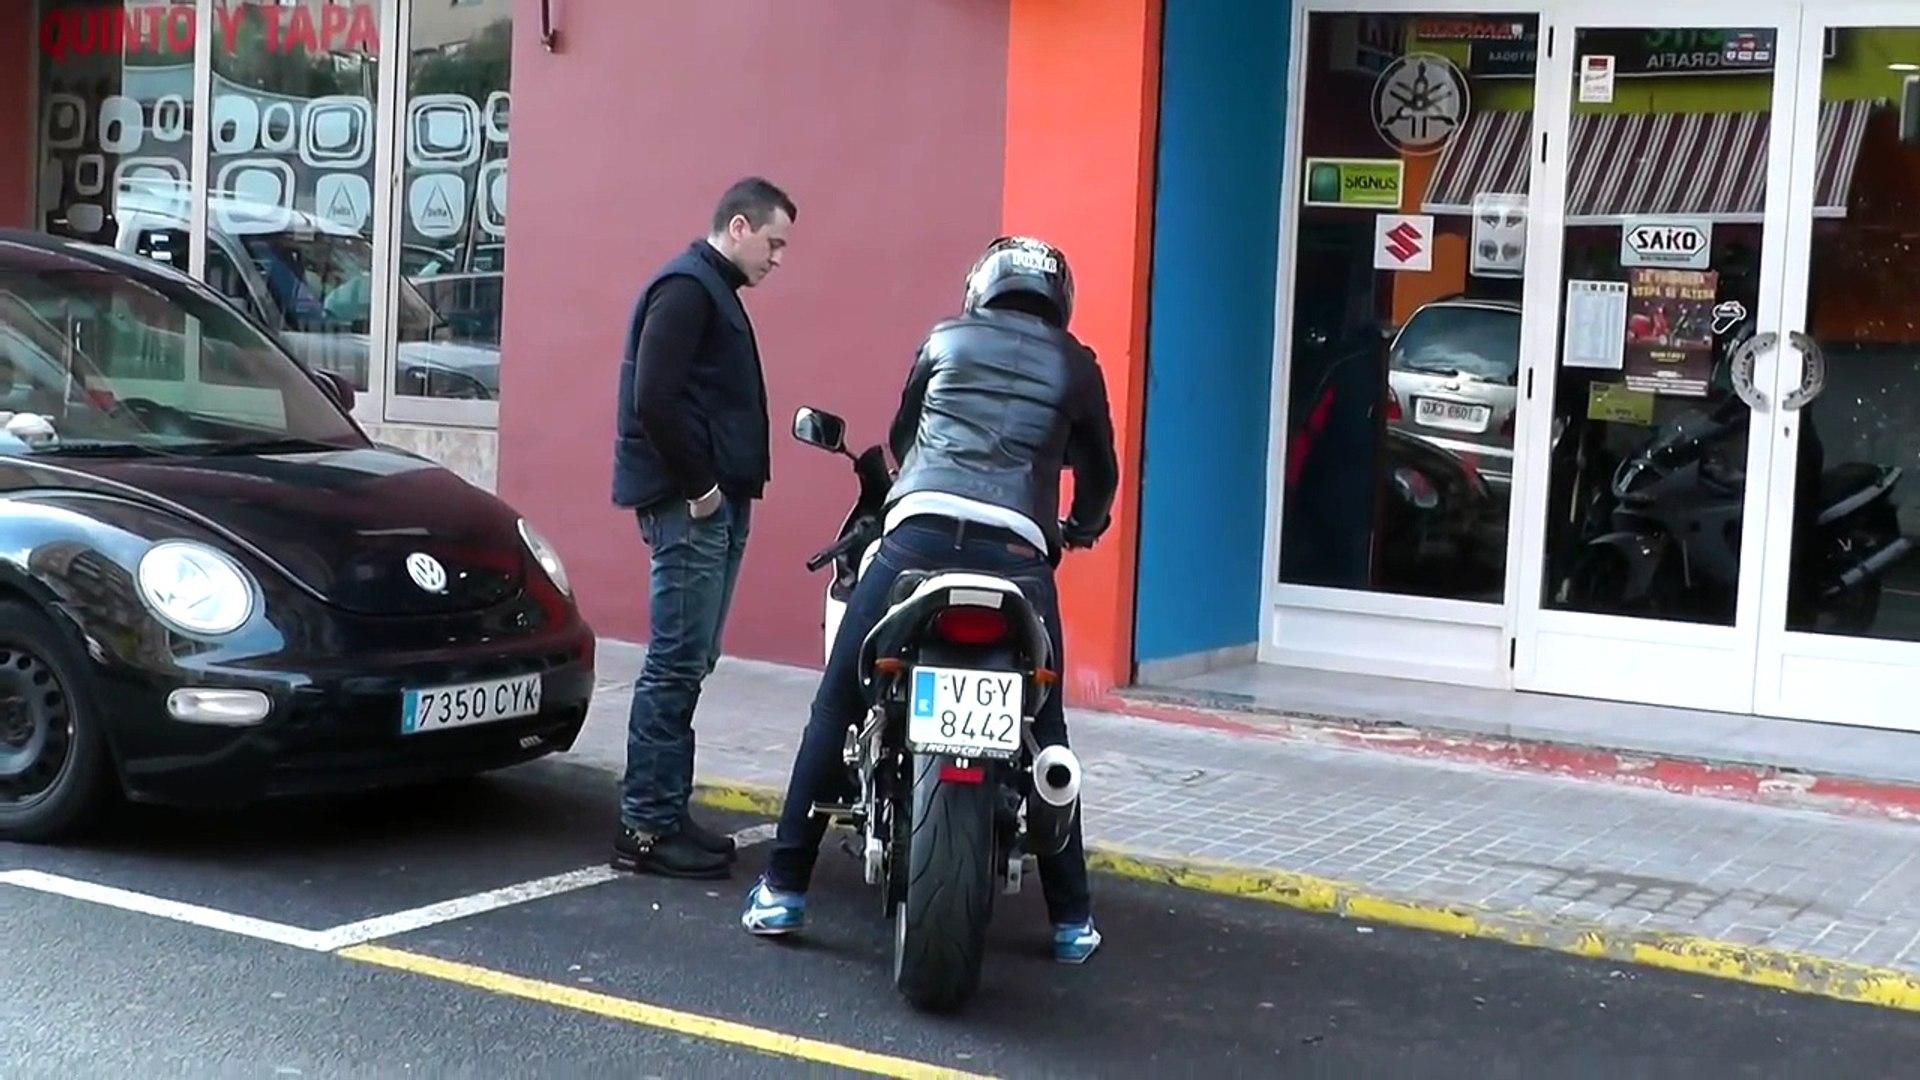 Покупка Yamaha YZF600 R6 в Испании, в Валенсии, покупатель Алексей Езовский